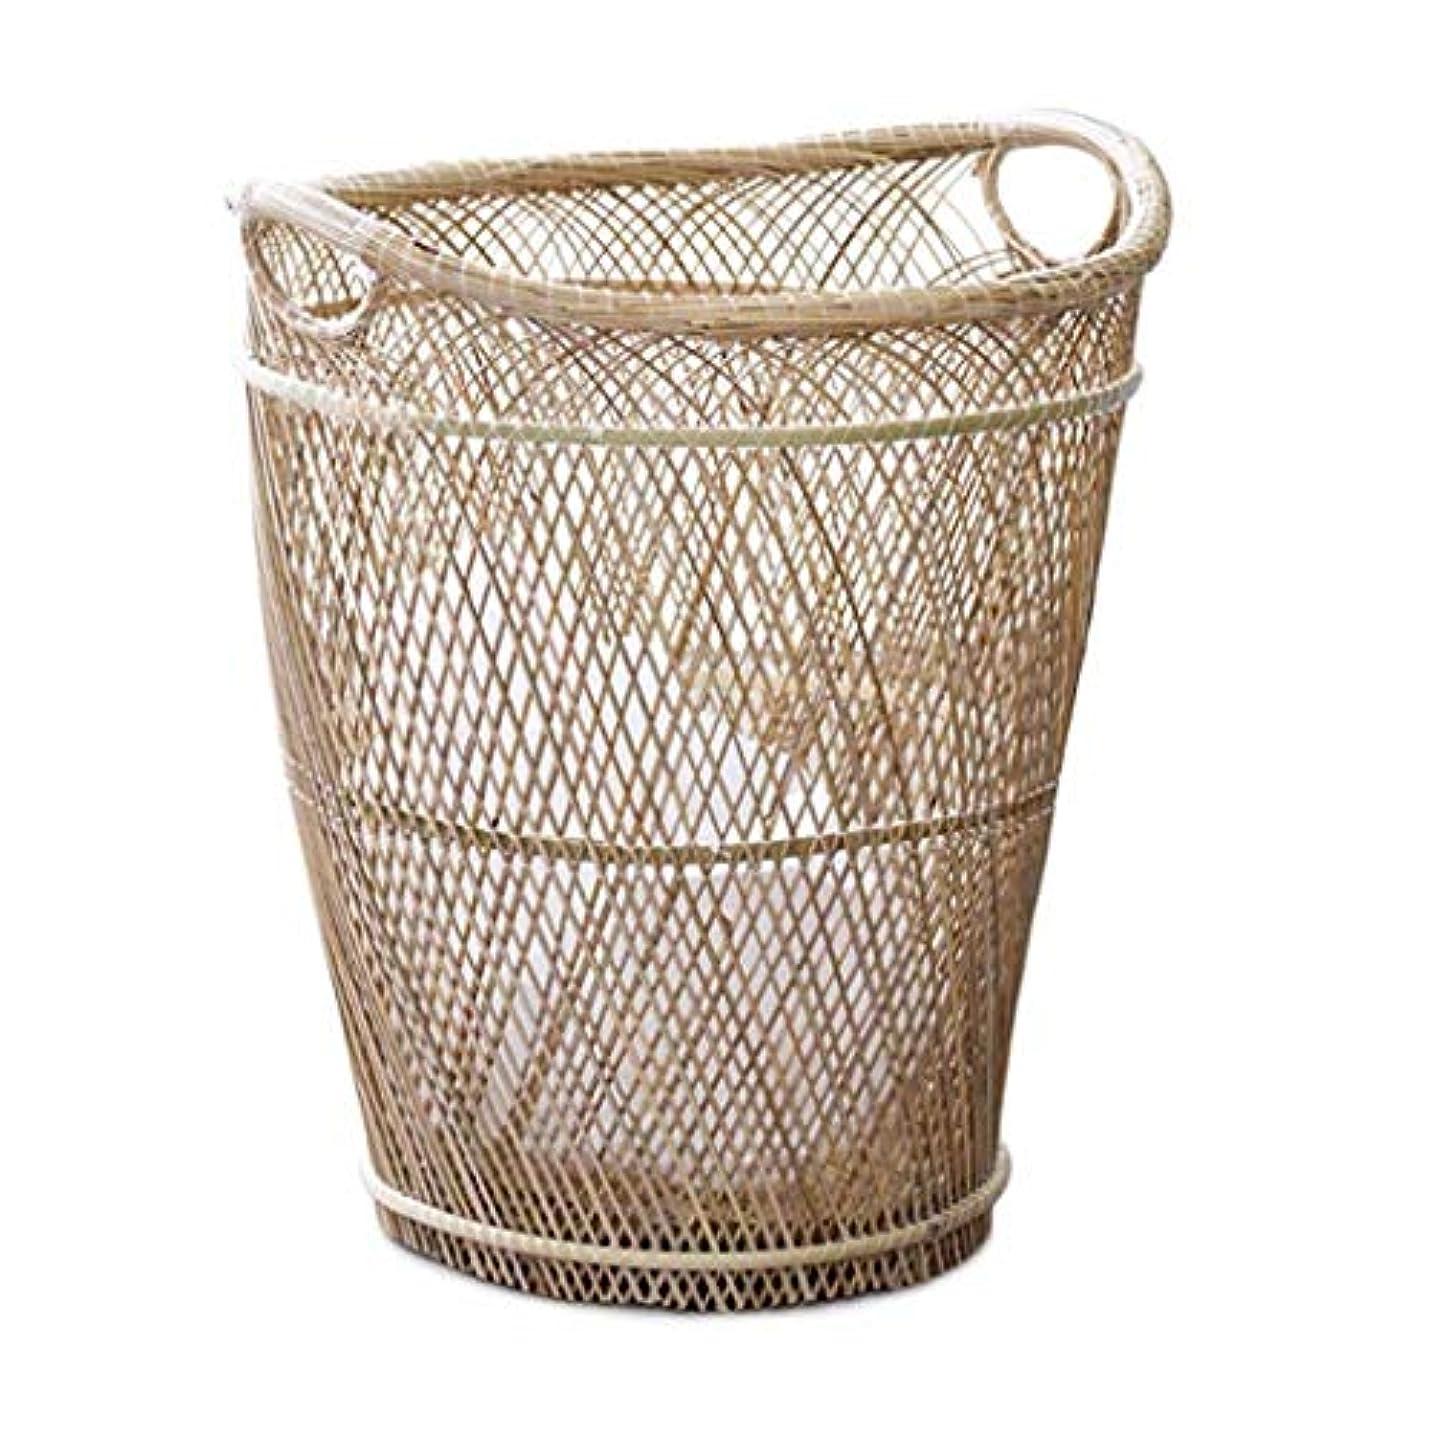 なめる潮演劇QYSZYG 収納バスケット、手織りバスケット、ハンドルバスケット、2サイズ 収納バスケット (サイズ さいず : L l)